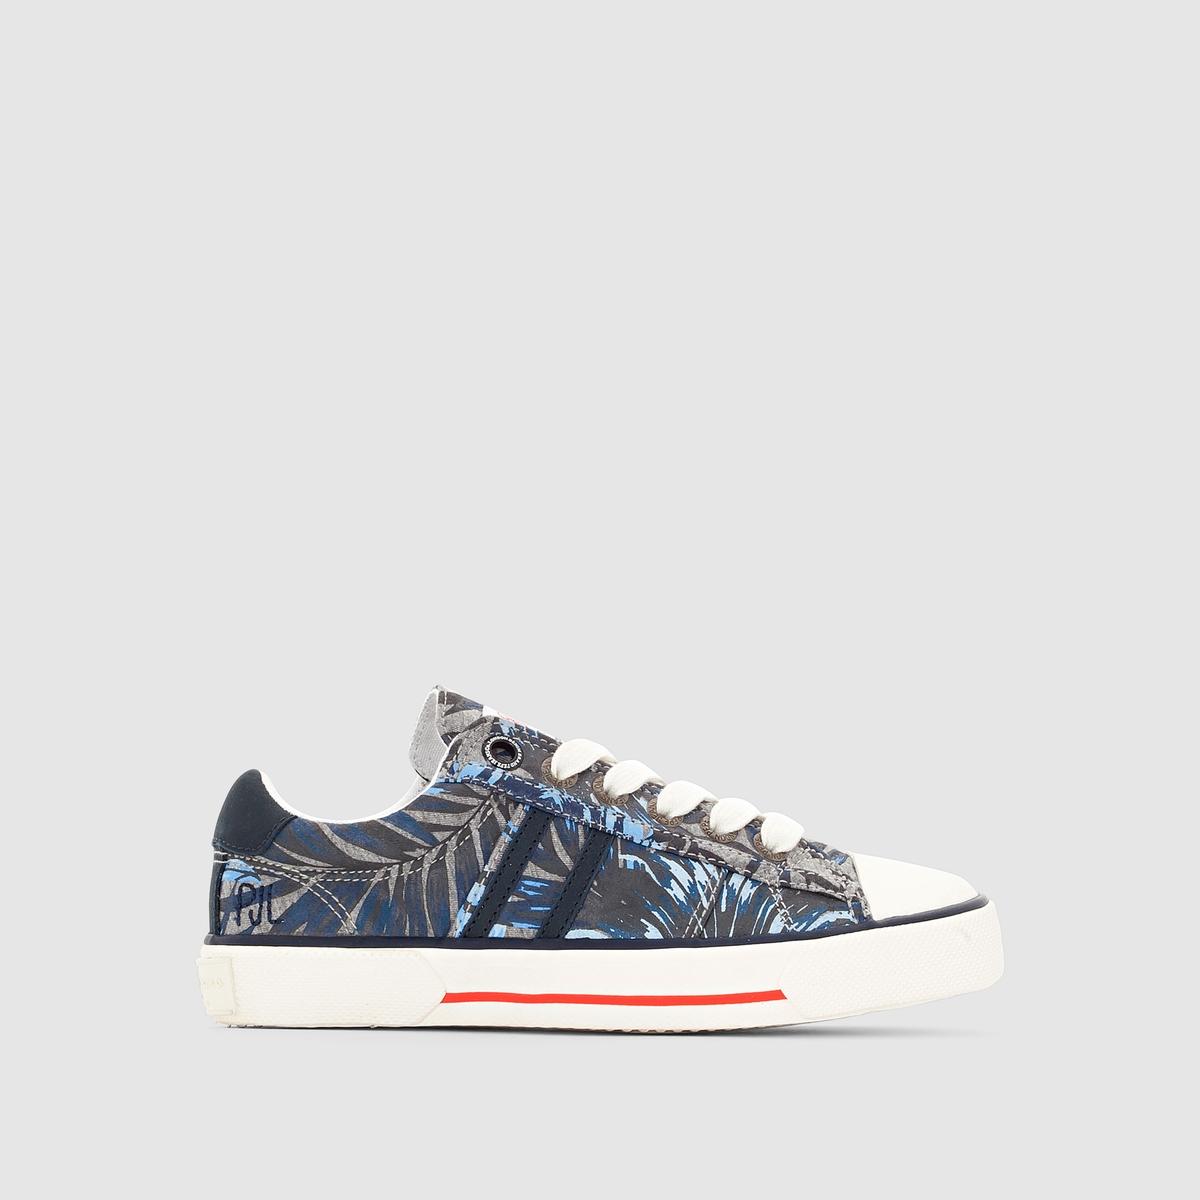 Кеды низкие Pepe Jeans SERTHI FLOWERSКеды низкие с рисунком, на шнуровке, SERTHI FLOWERS от Pepe Jeans. Верх : текстильПодкладка : текстильСтелька : текстильПодошва : резина Застежка : на шнуровке                Начиная с 70-х годов, Pepe Jeans использует деним, поношенную одежду, уличный стиль для создания коллекции модной и неконсервативной обуви в английском стиле! Все преимущества марки - в этой модели с отличным классическим рисунком, которая вызывает стремление к переменам !<br><br>Цвет: рисунок/серый